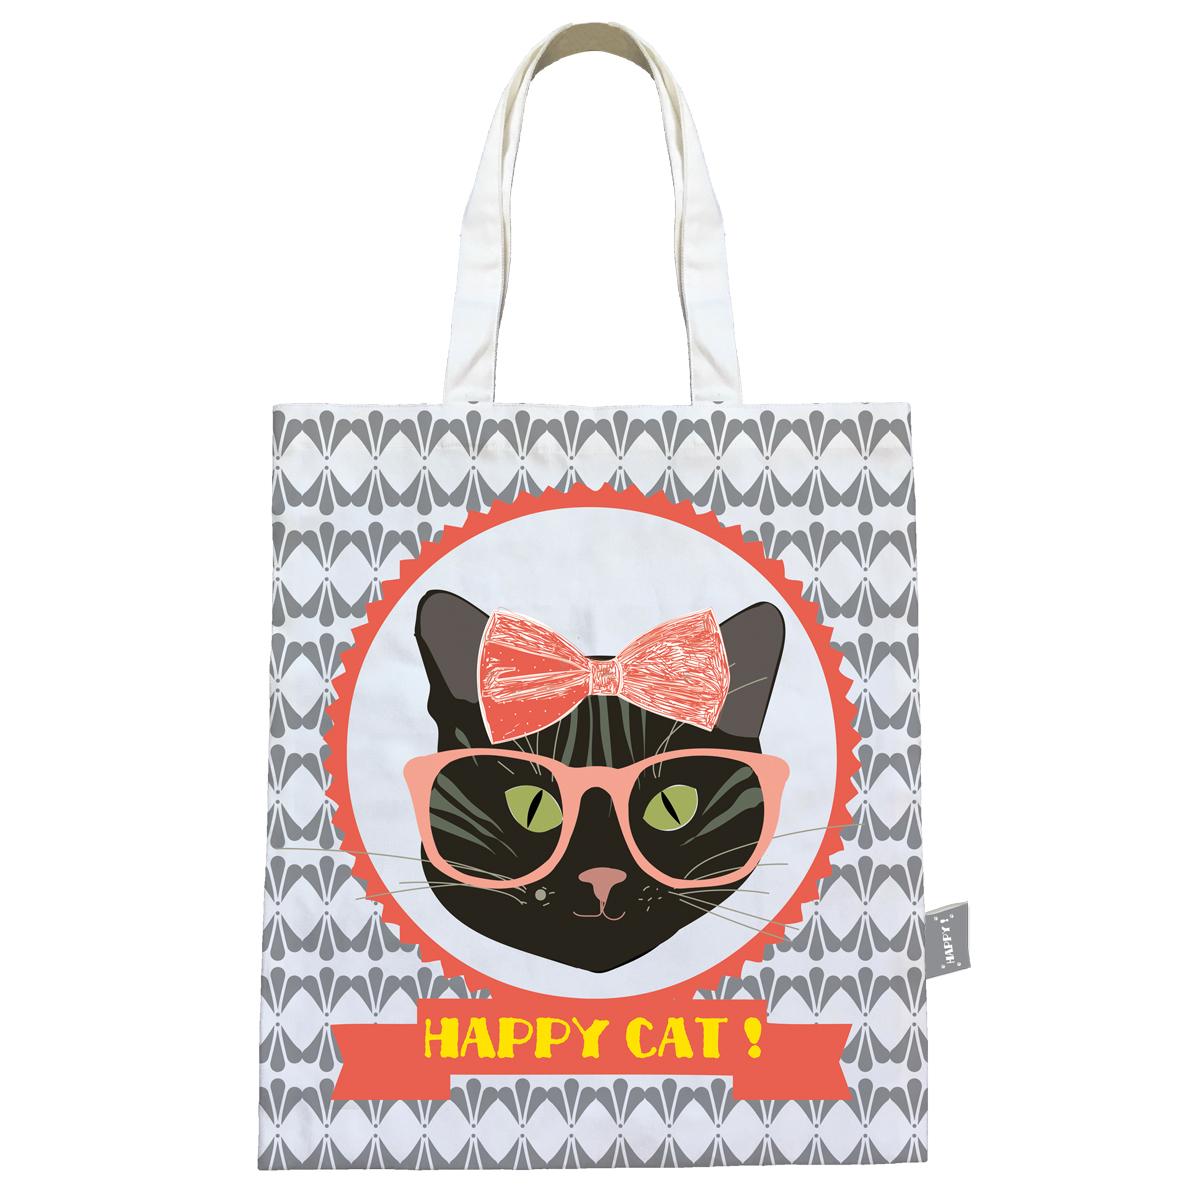 Sac coton / tote bag \'Happy Cat\' gris (lunettes) - 44x38 cm - [Q0594]